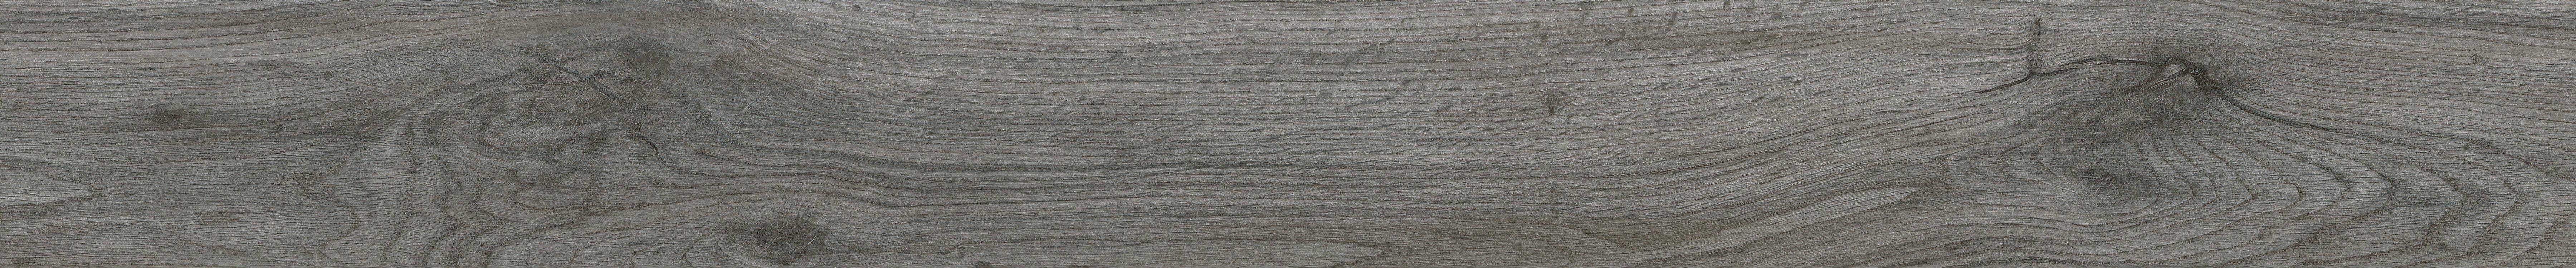 EarthWerks Devan 6 X 36 2mm Luxury Vinyl Plank In Dark Gray Reviews